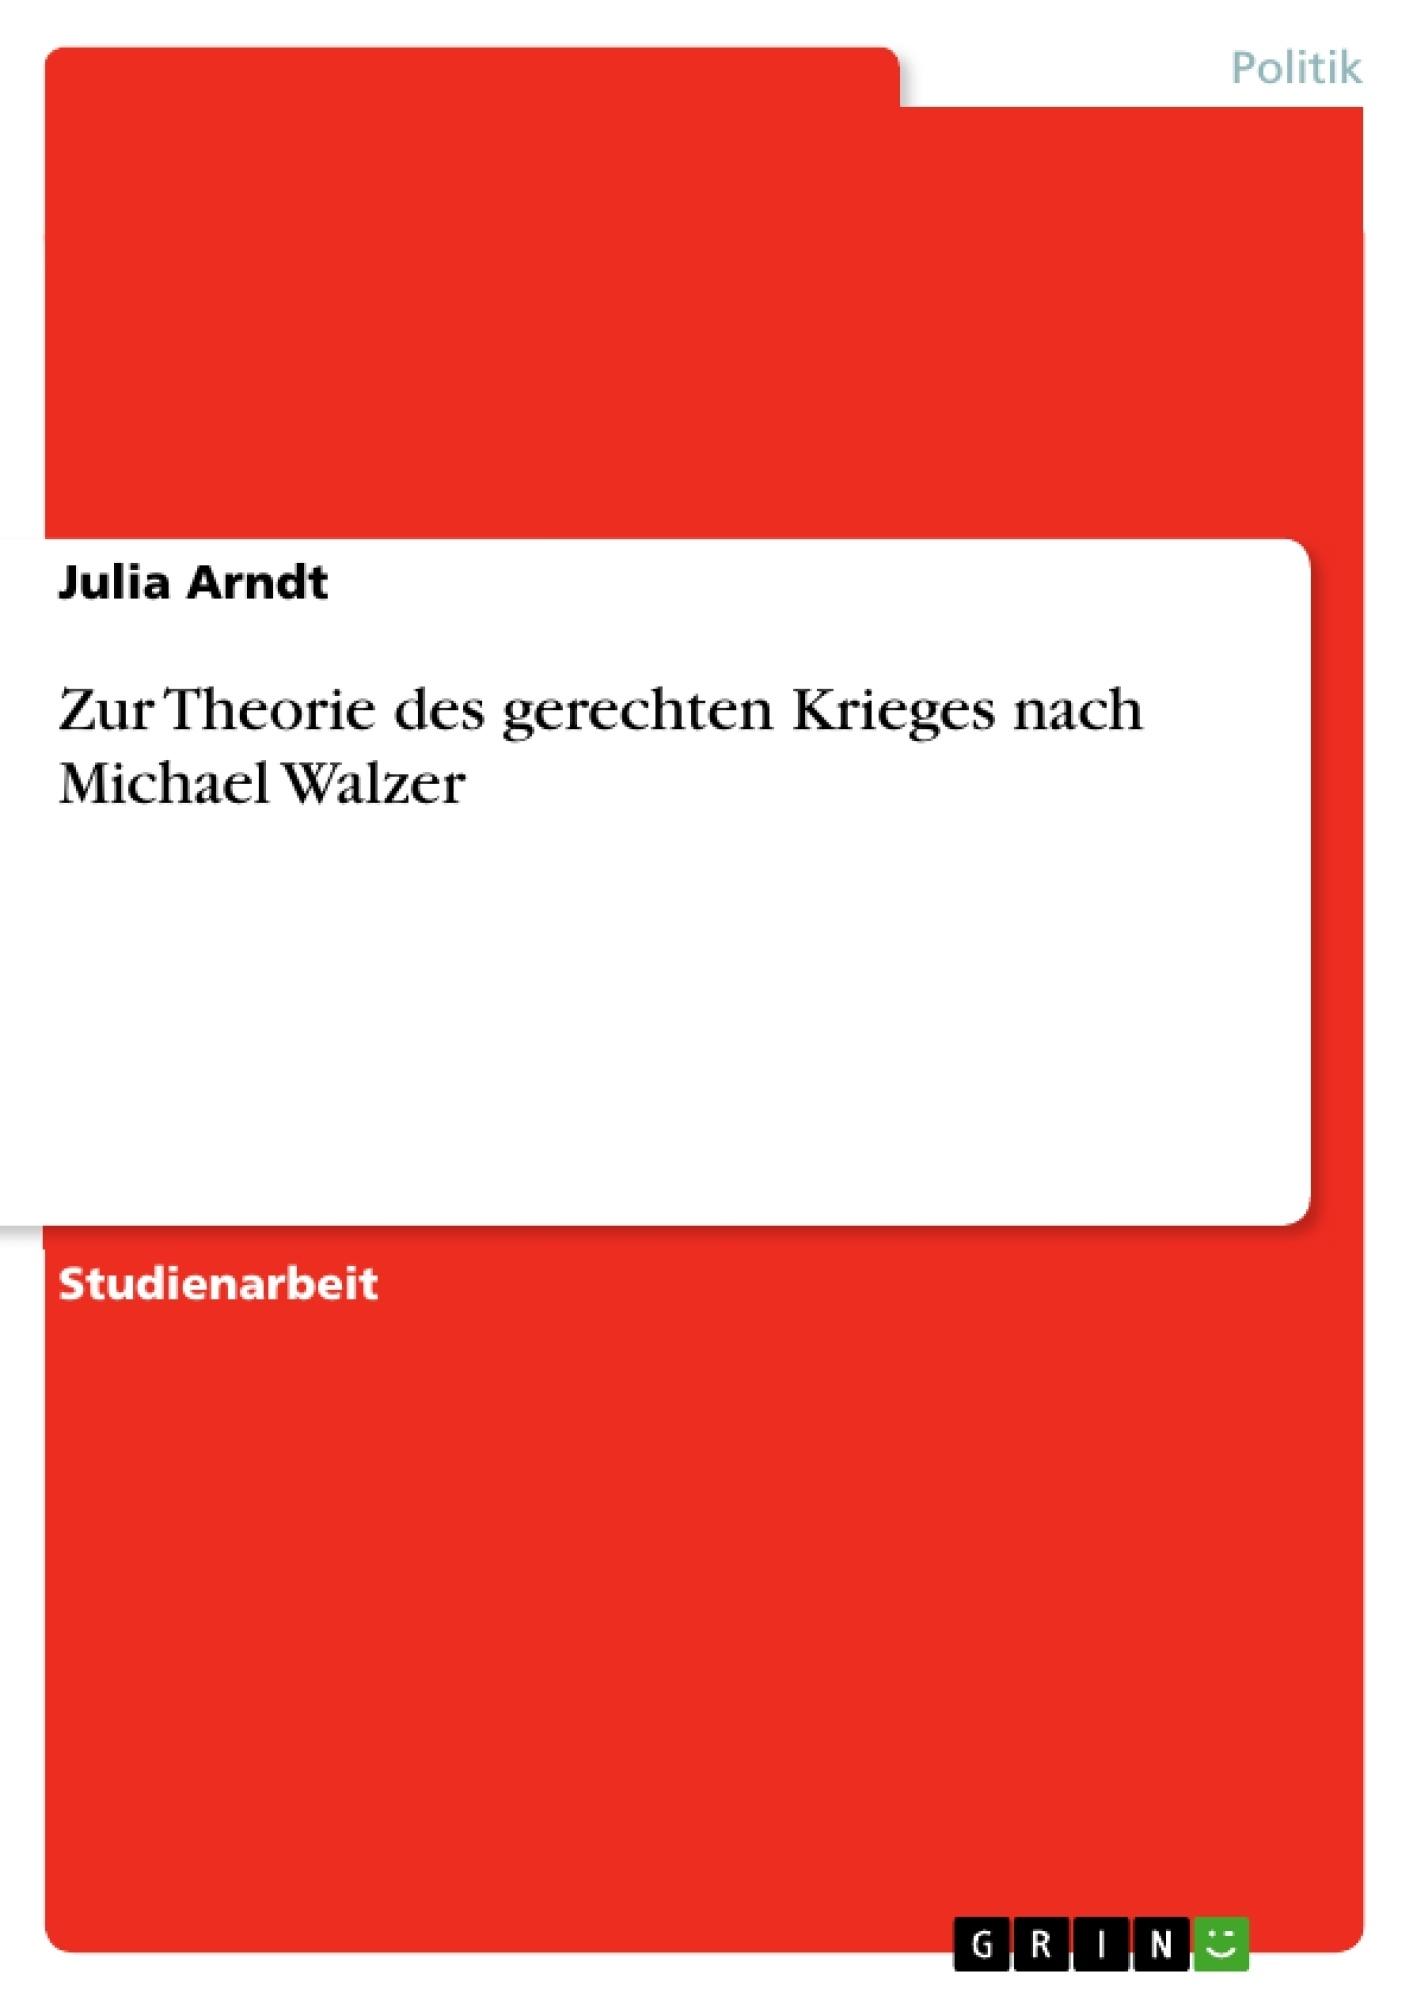 Titel: Zur Theorie des gerechten Krieges nach Michael Walzer